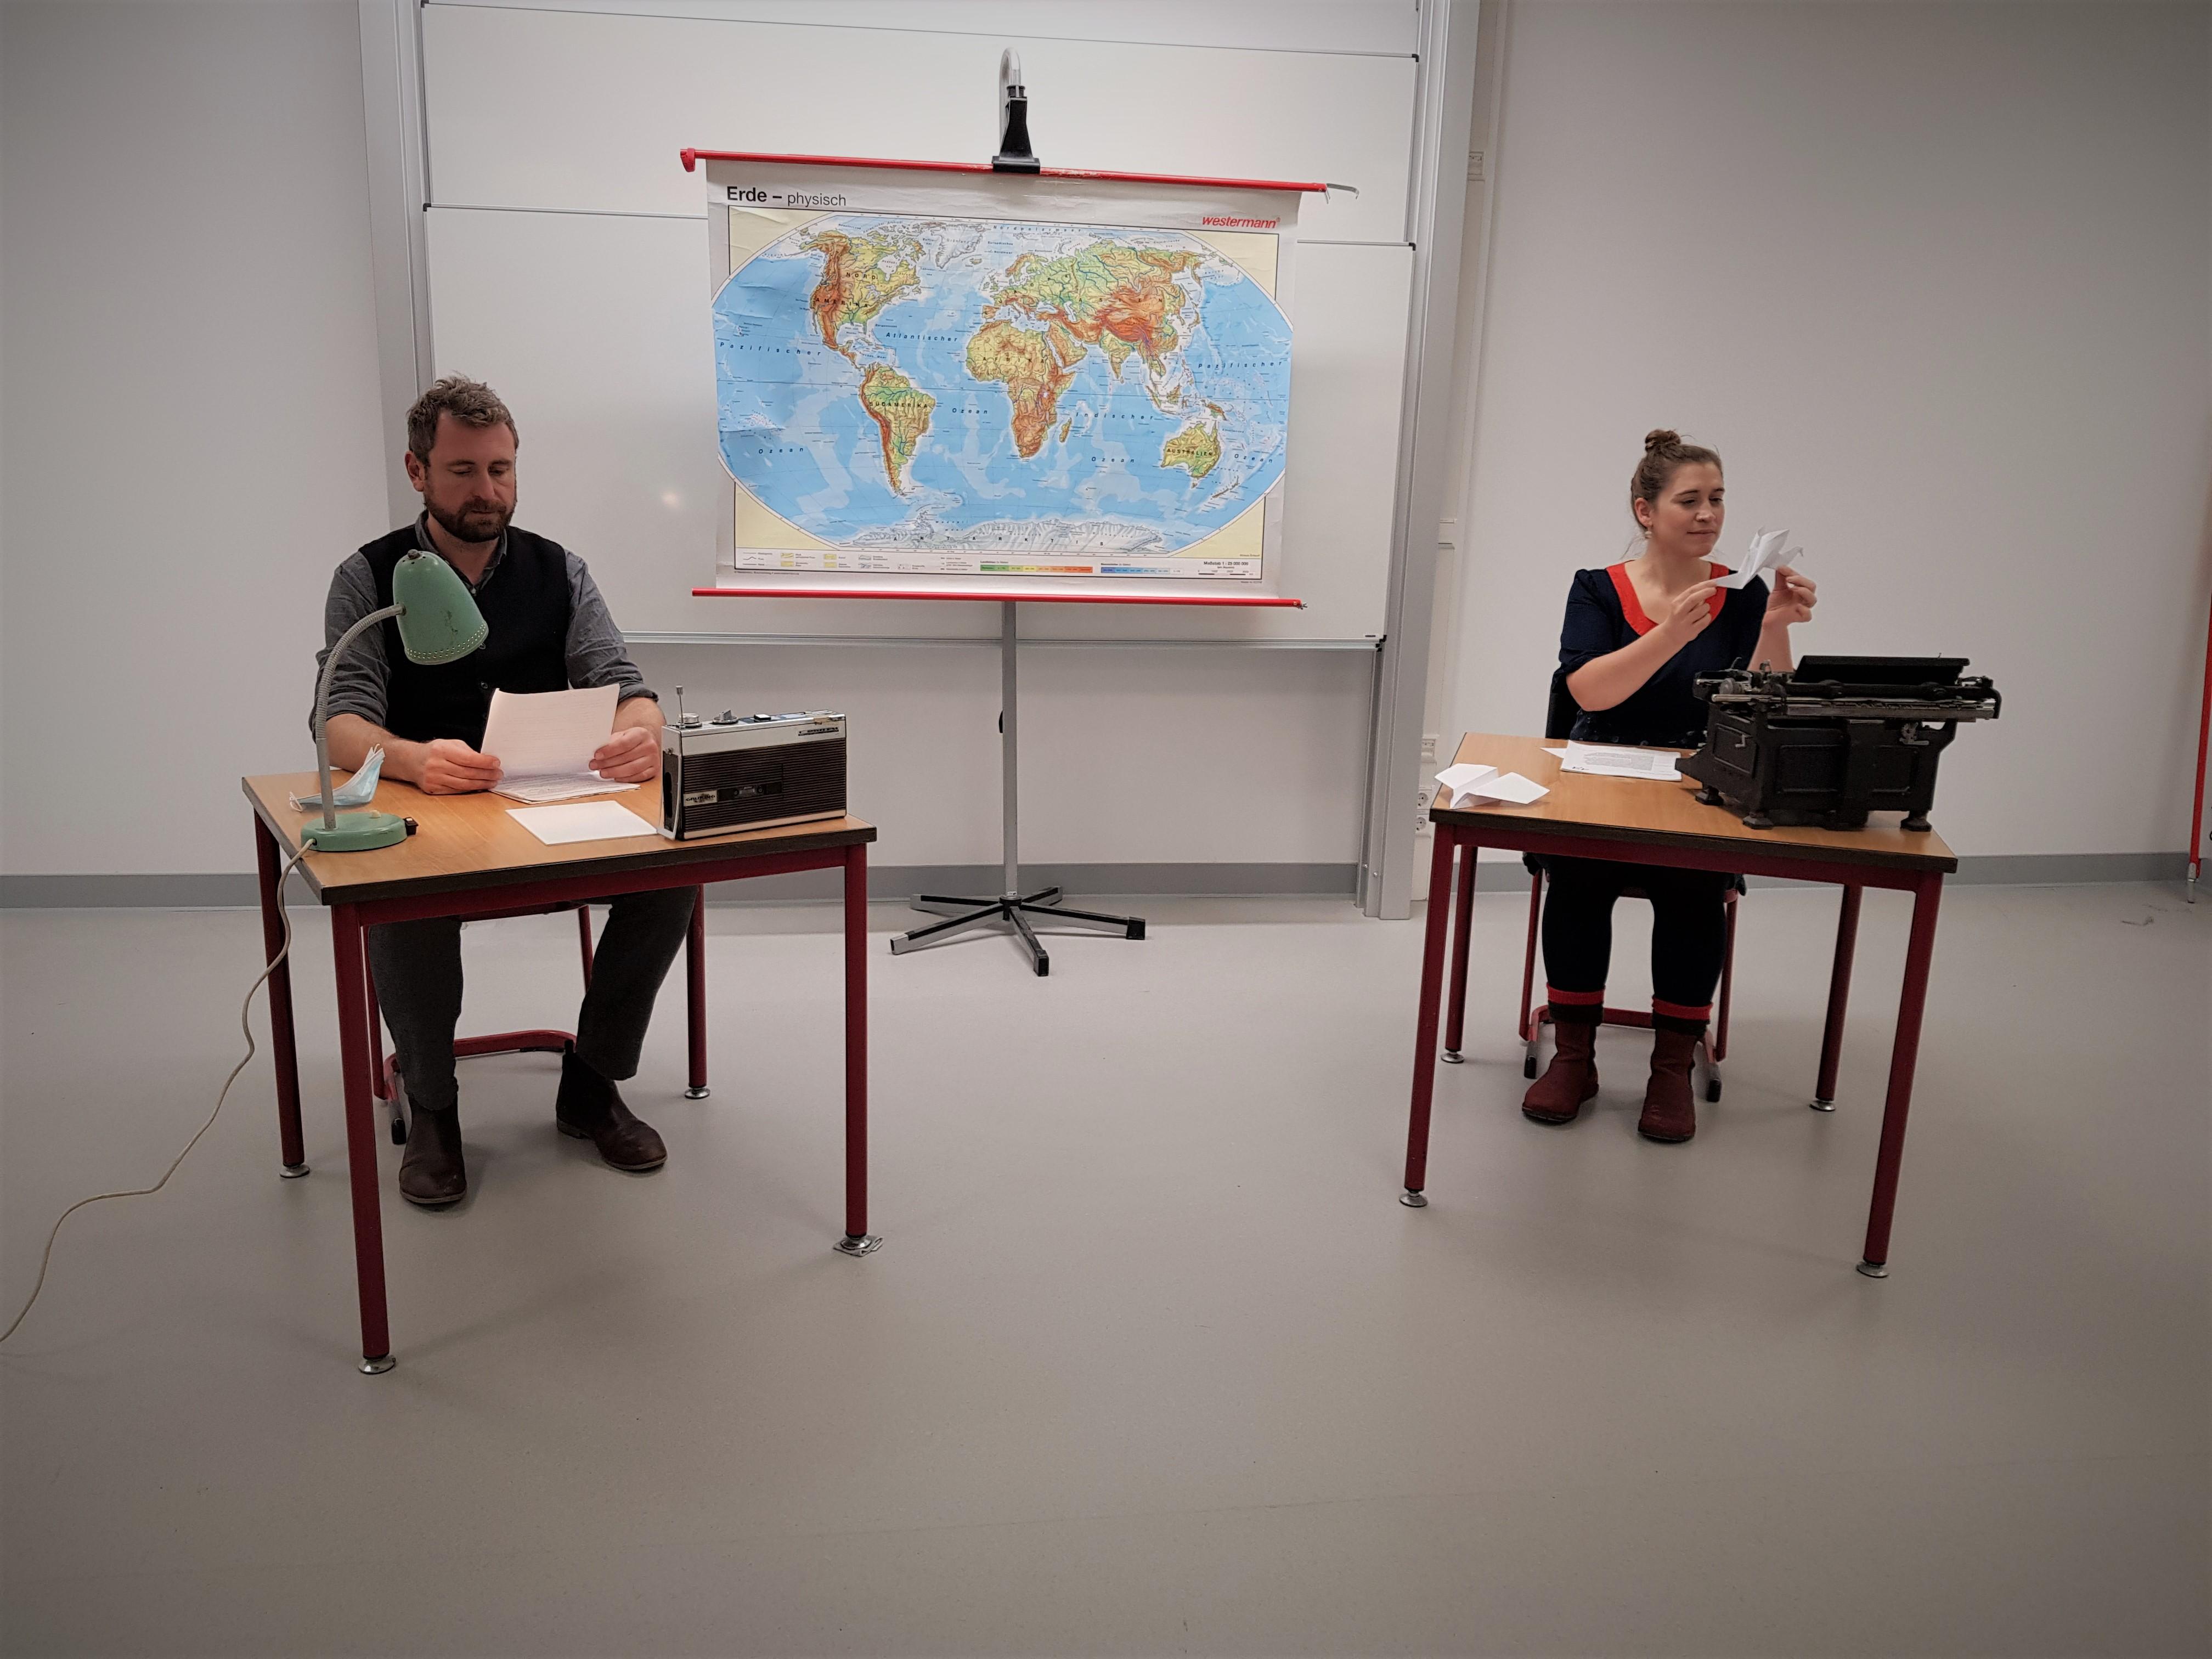 Schauspieler Martin Kreusch und Figurenspielerin Julia Raab lesen Fritz Hartnagel und Sophie Scholl in der Szenischen Lesung '...schon fünf Jahre oder noch länger lebst Du in dieser Wüste'